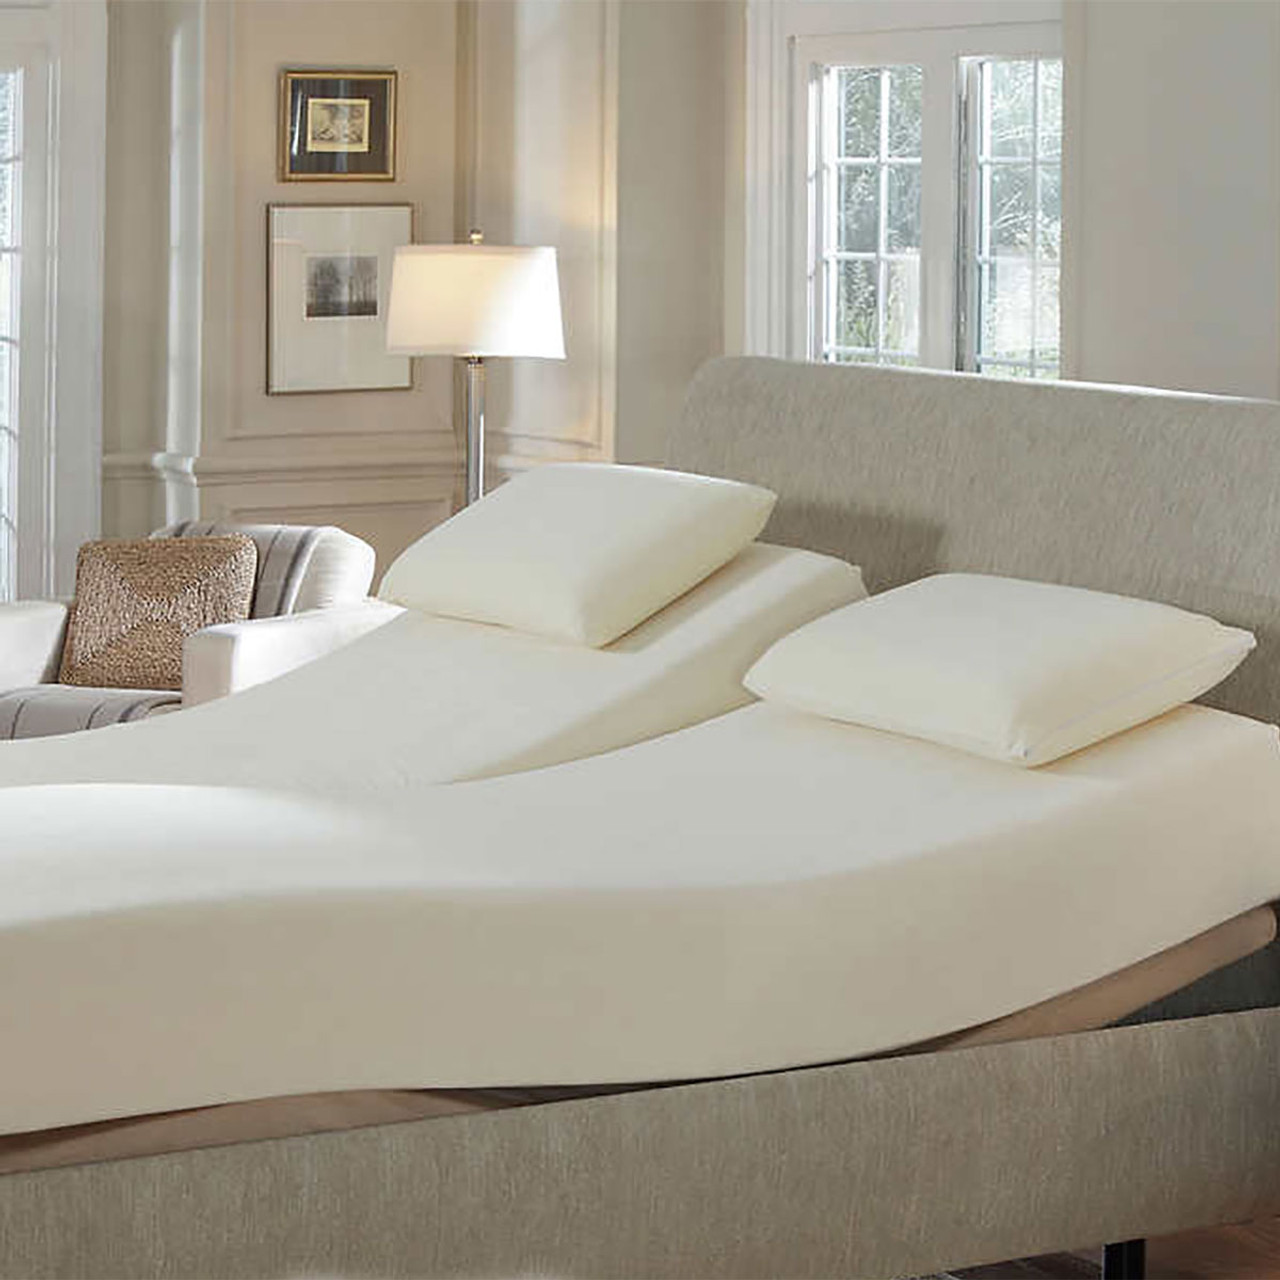 Superieur Adjustable Bed / Hospital Bed Sheet Set 100% Cotton